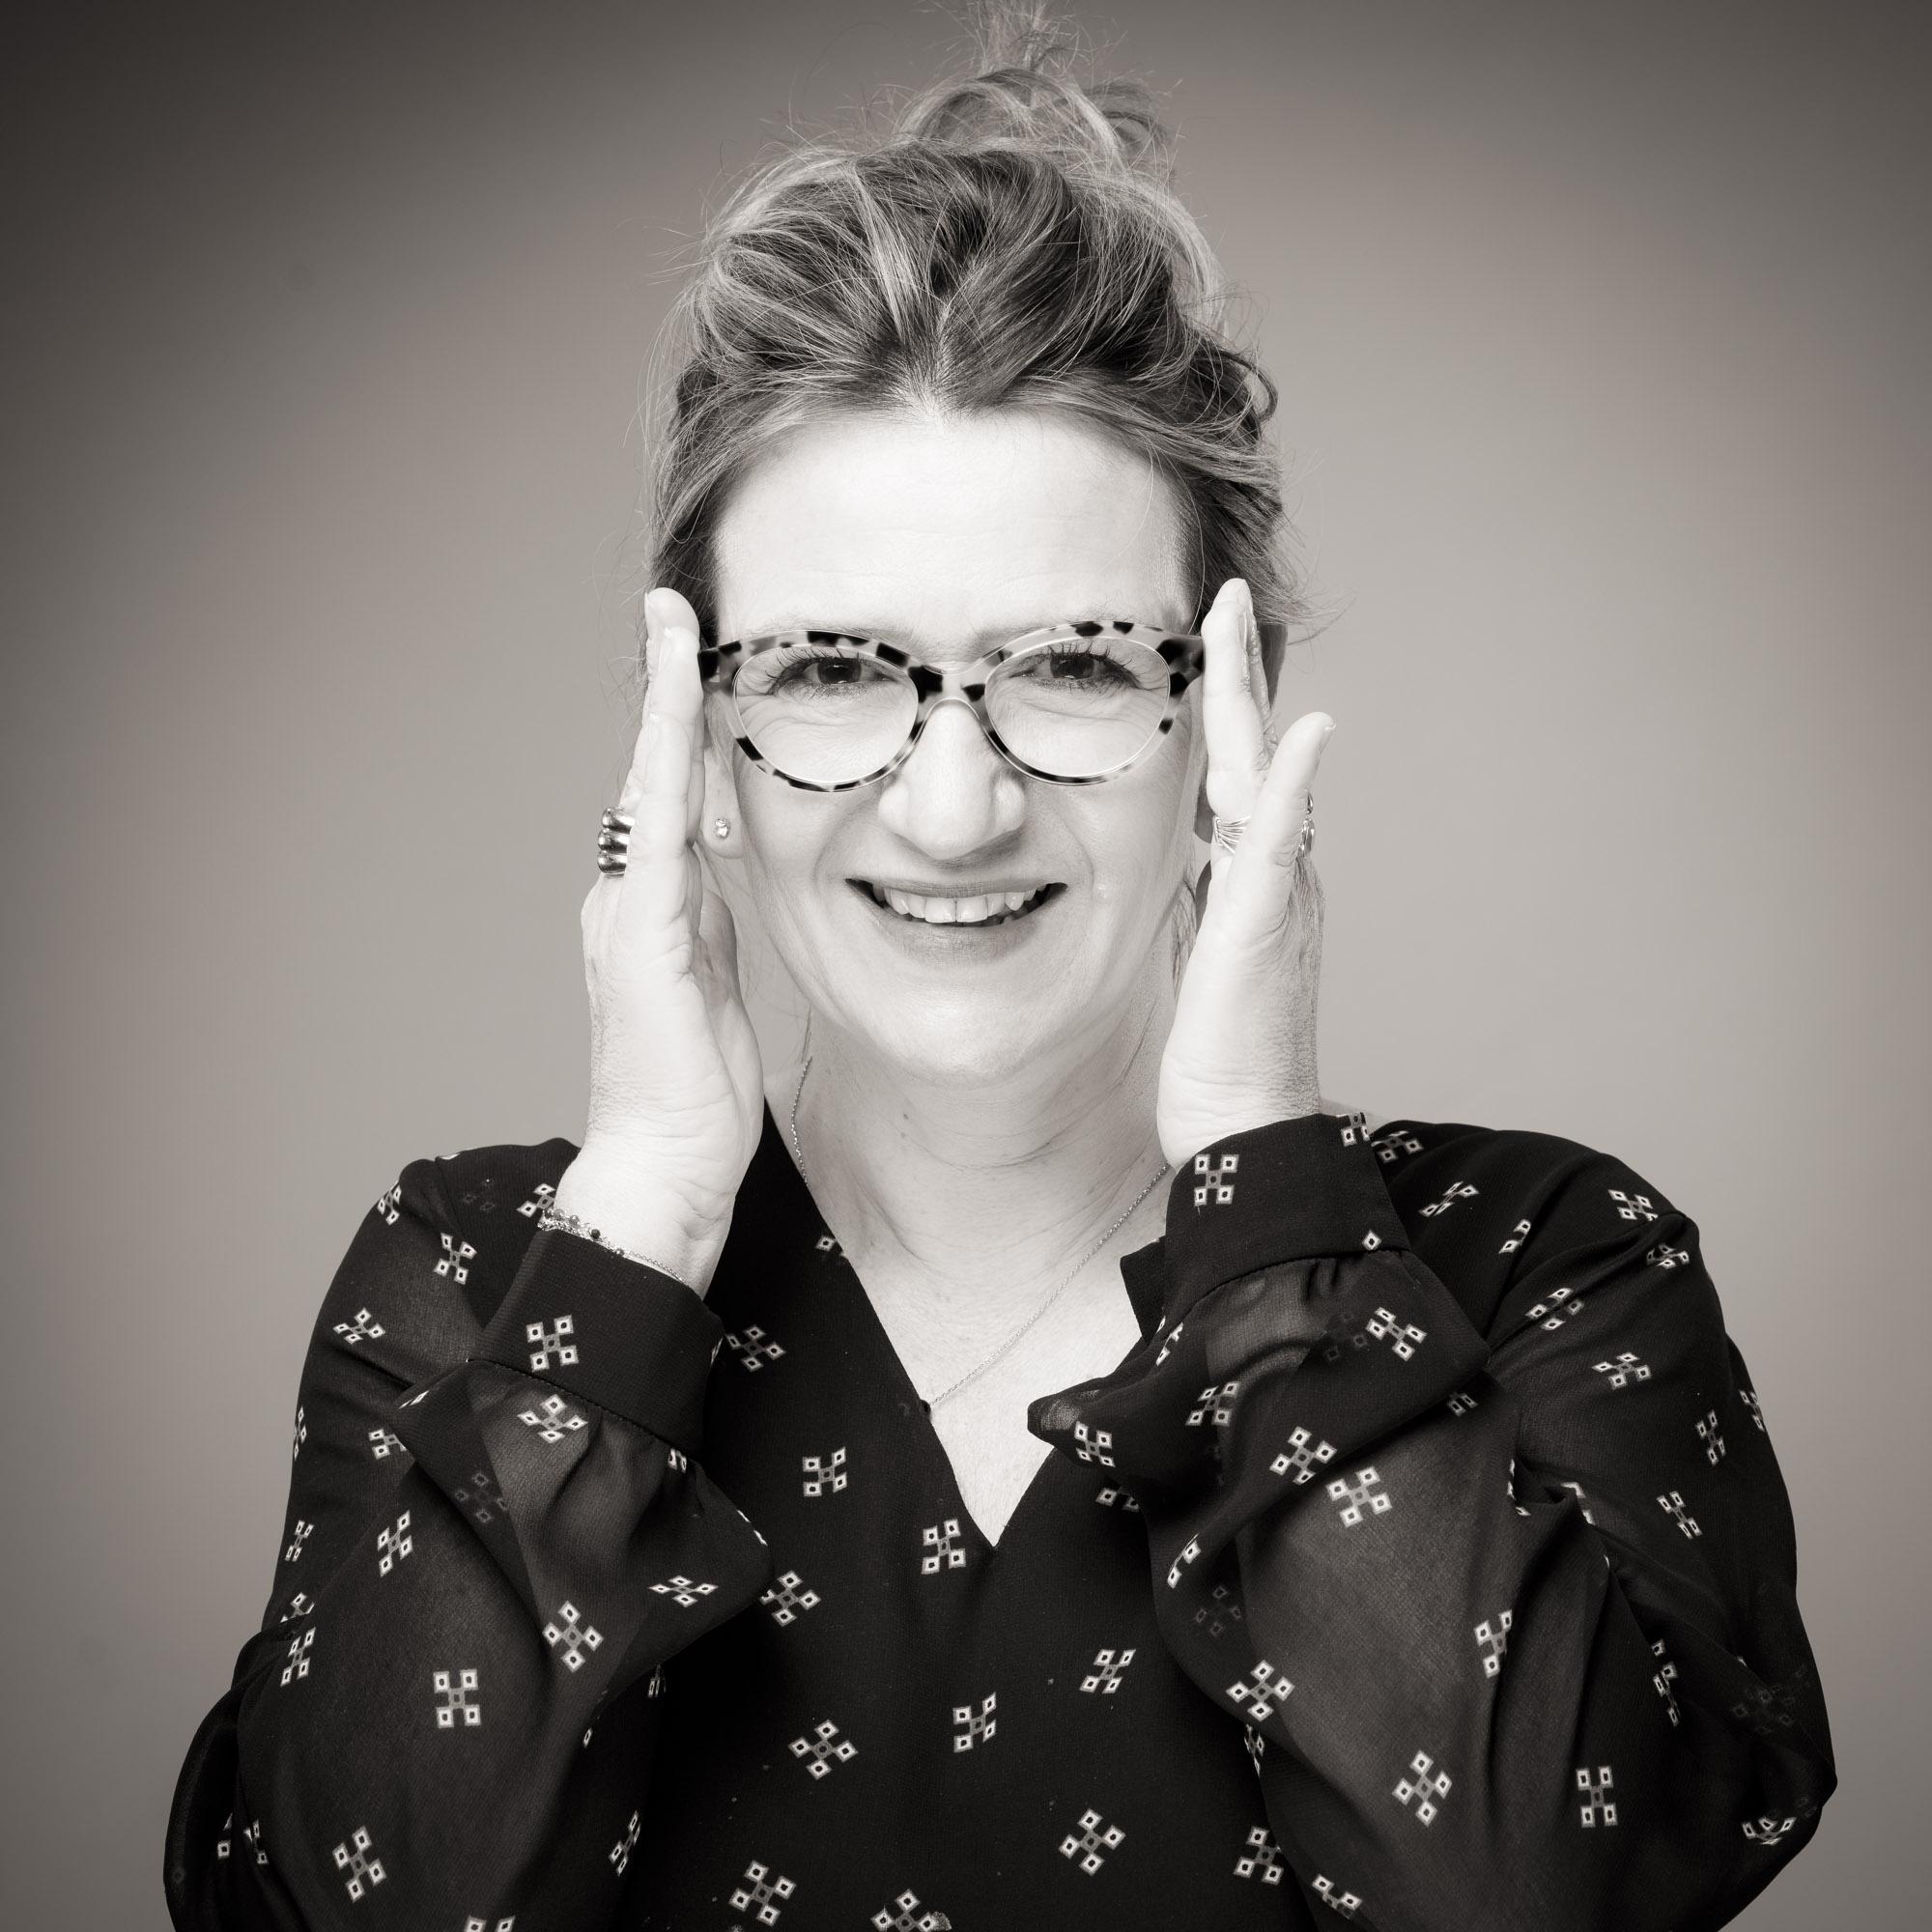 Portrait de Catherine Delaby remettant ses lunettes